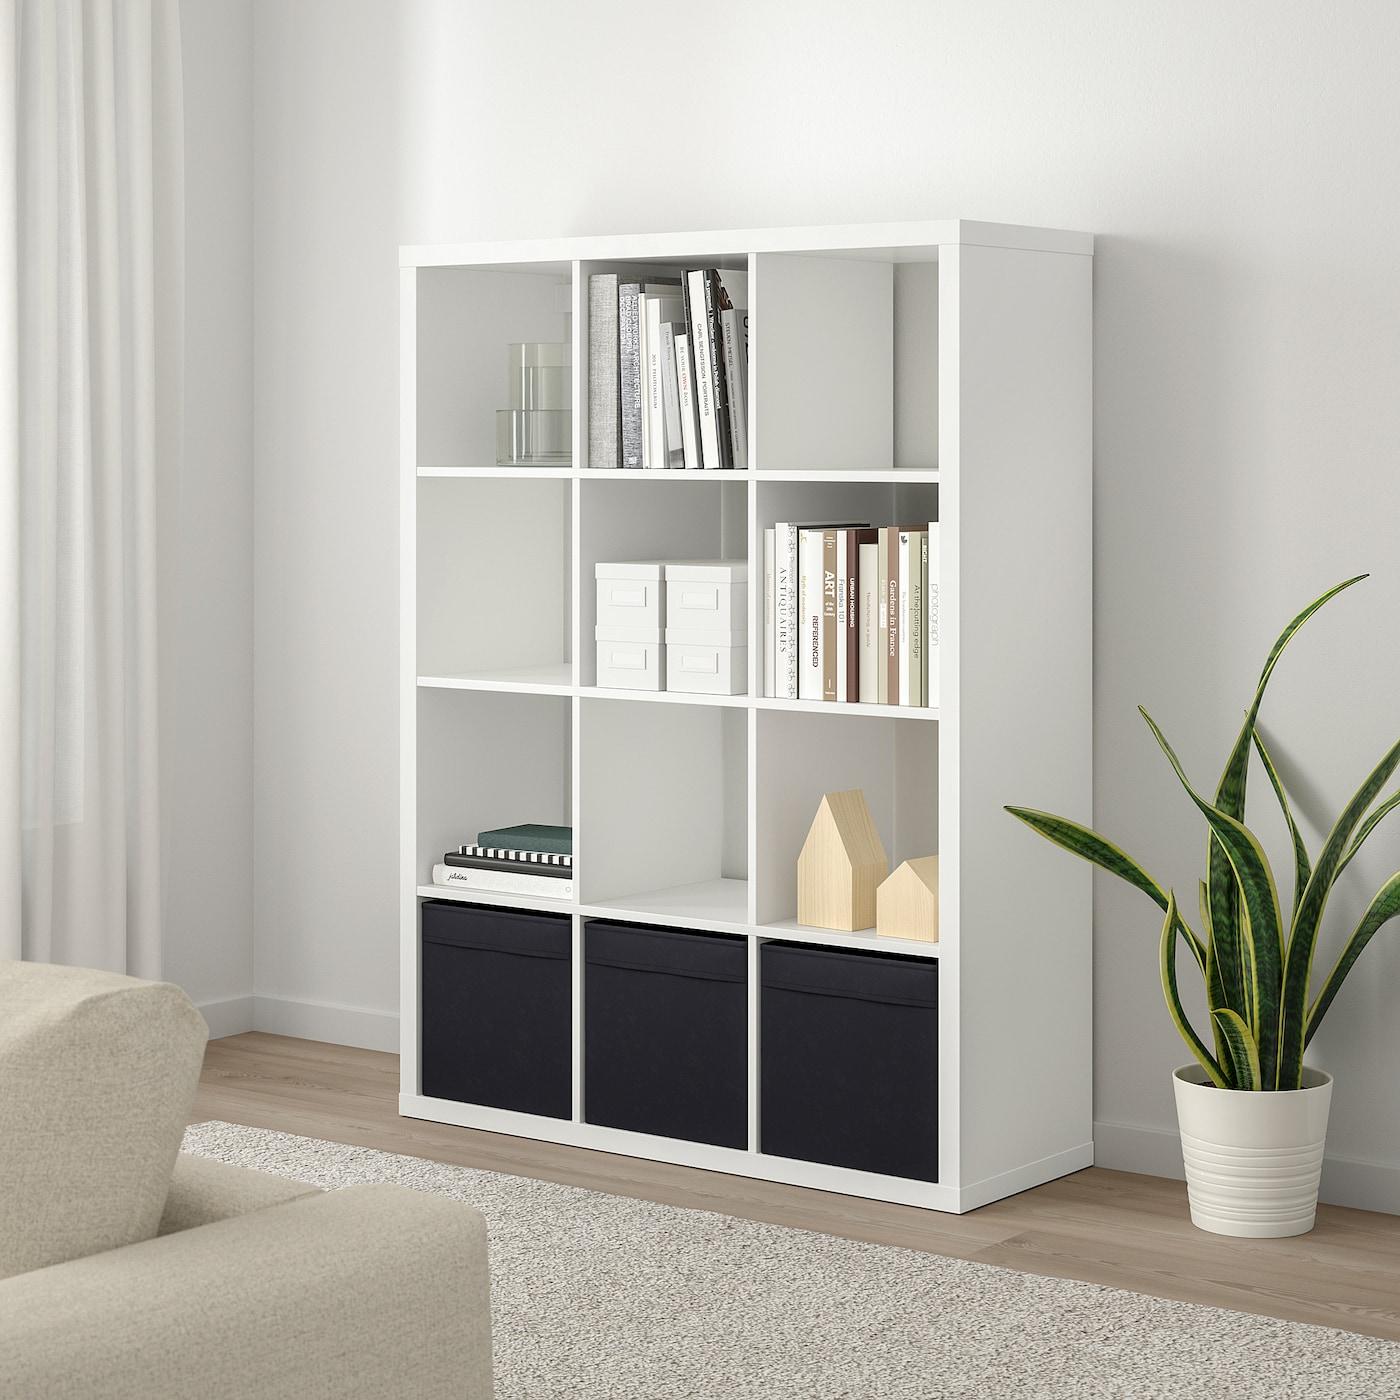 KALLAX Regal - weiß 4x4 cm